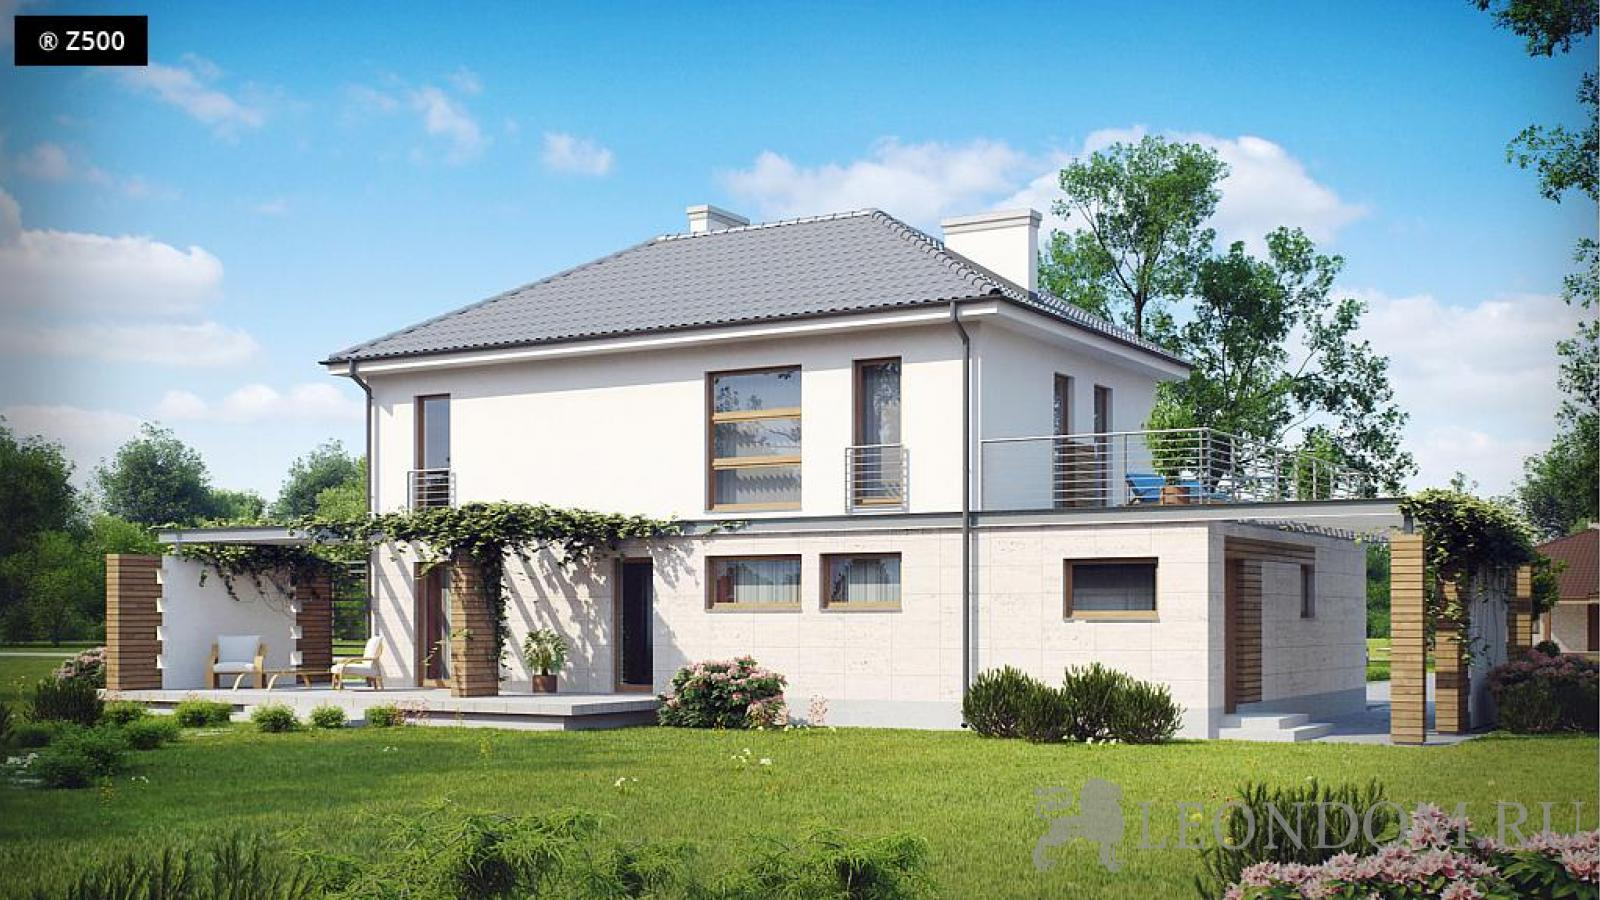 Zx6 проект дома с просторной террасой над гаражом s3-192-2.